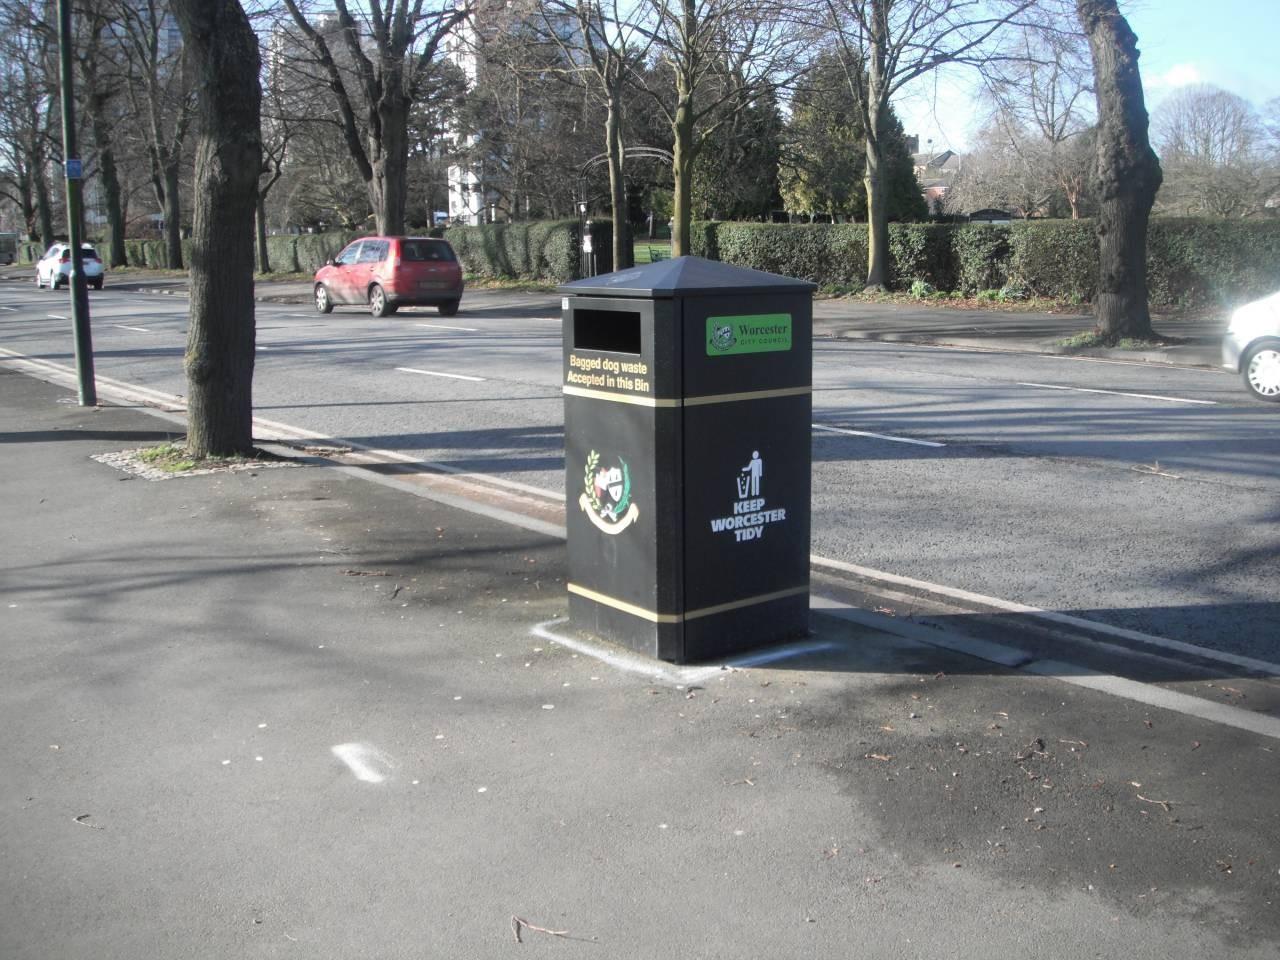 Litter bin in New Road